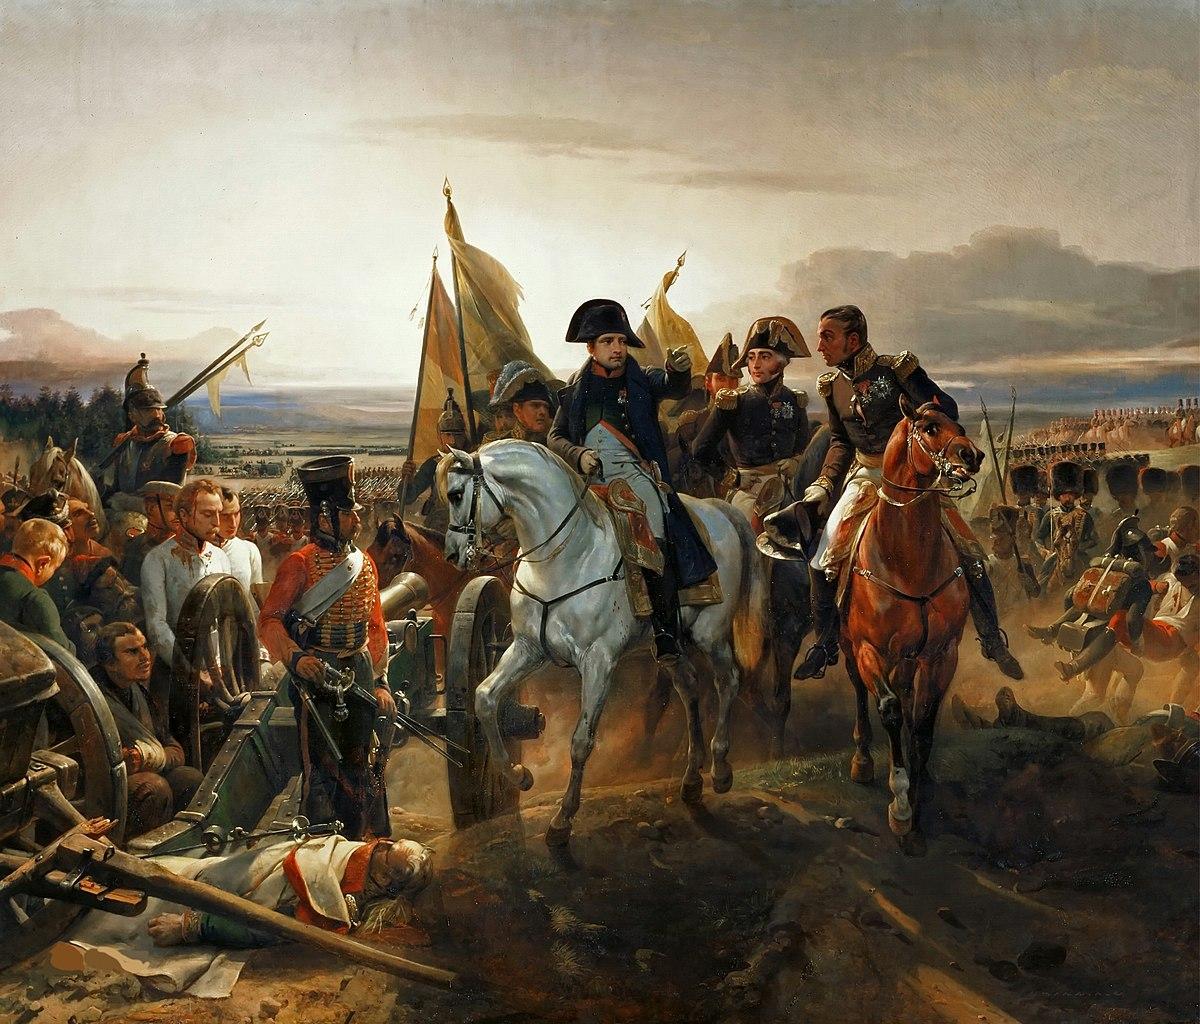 Battle of Friedland - Wikipedia